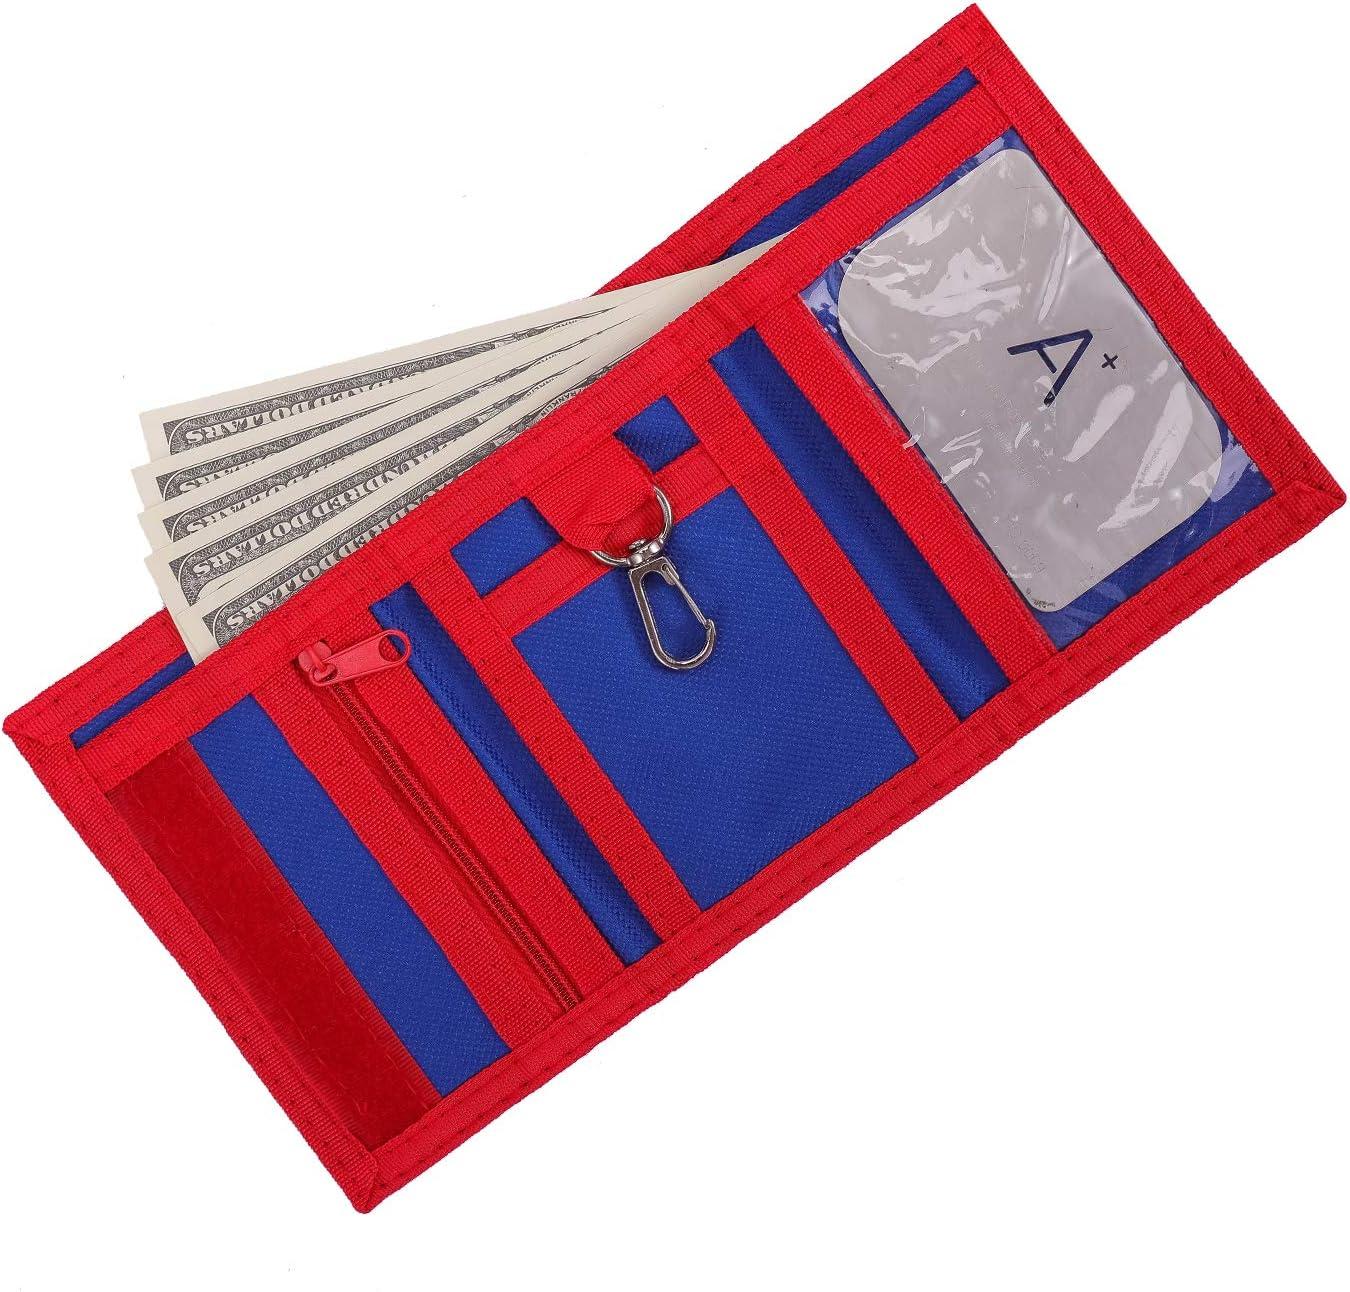 en Toile Portefeuille pour Enfants avec Blocage RFID 3 Volets pour Sports de Plein air Pochette zipp/ée